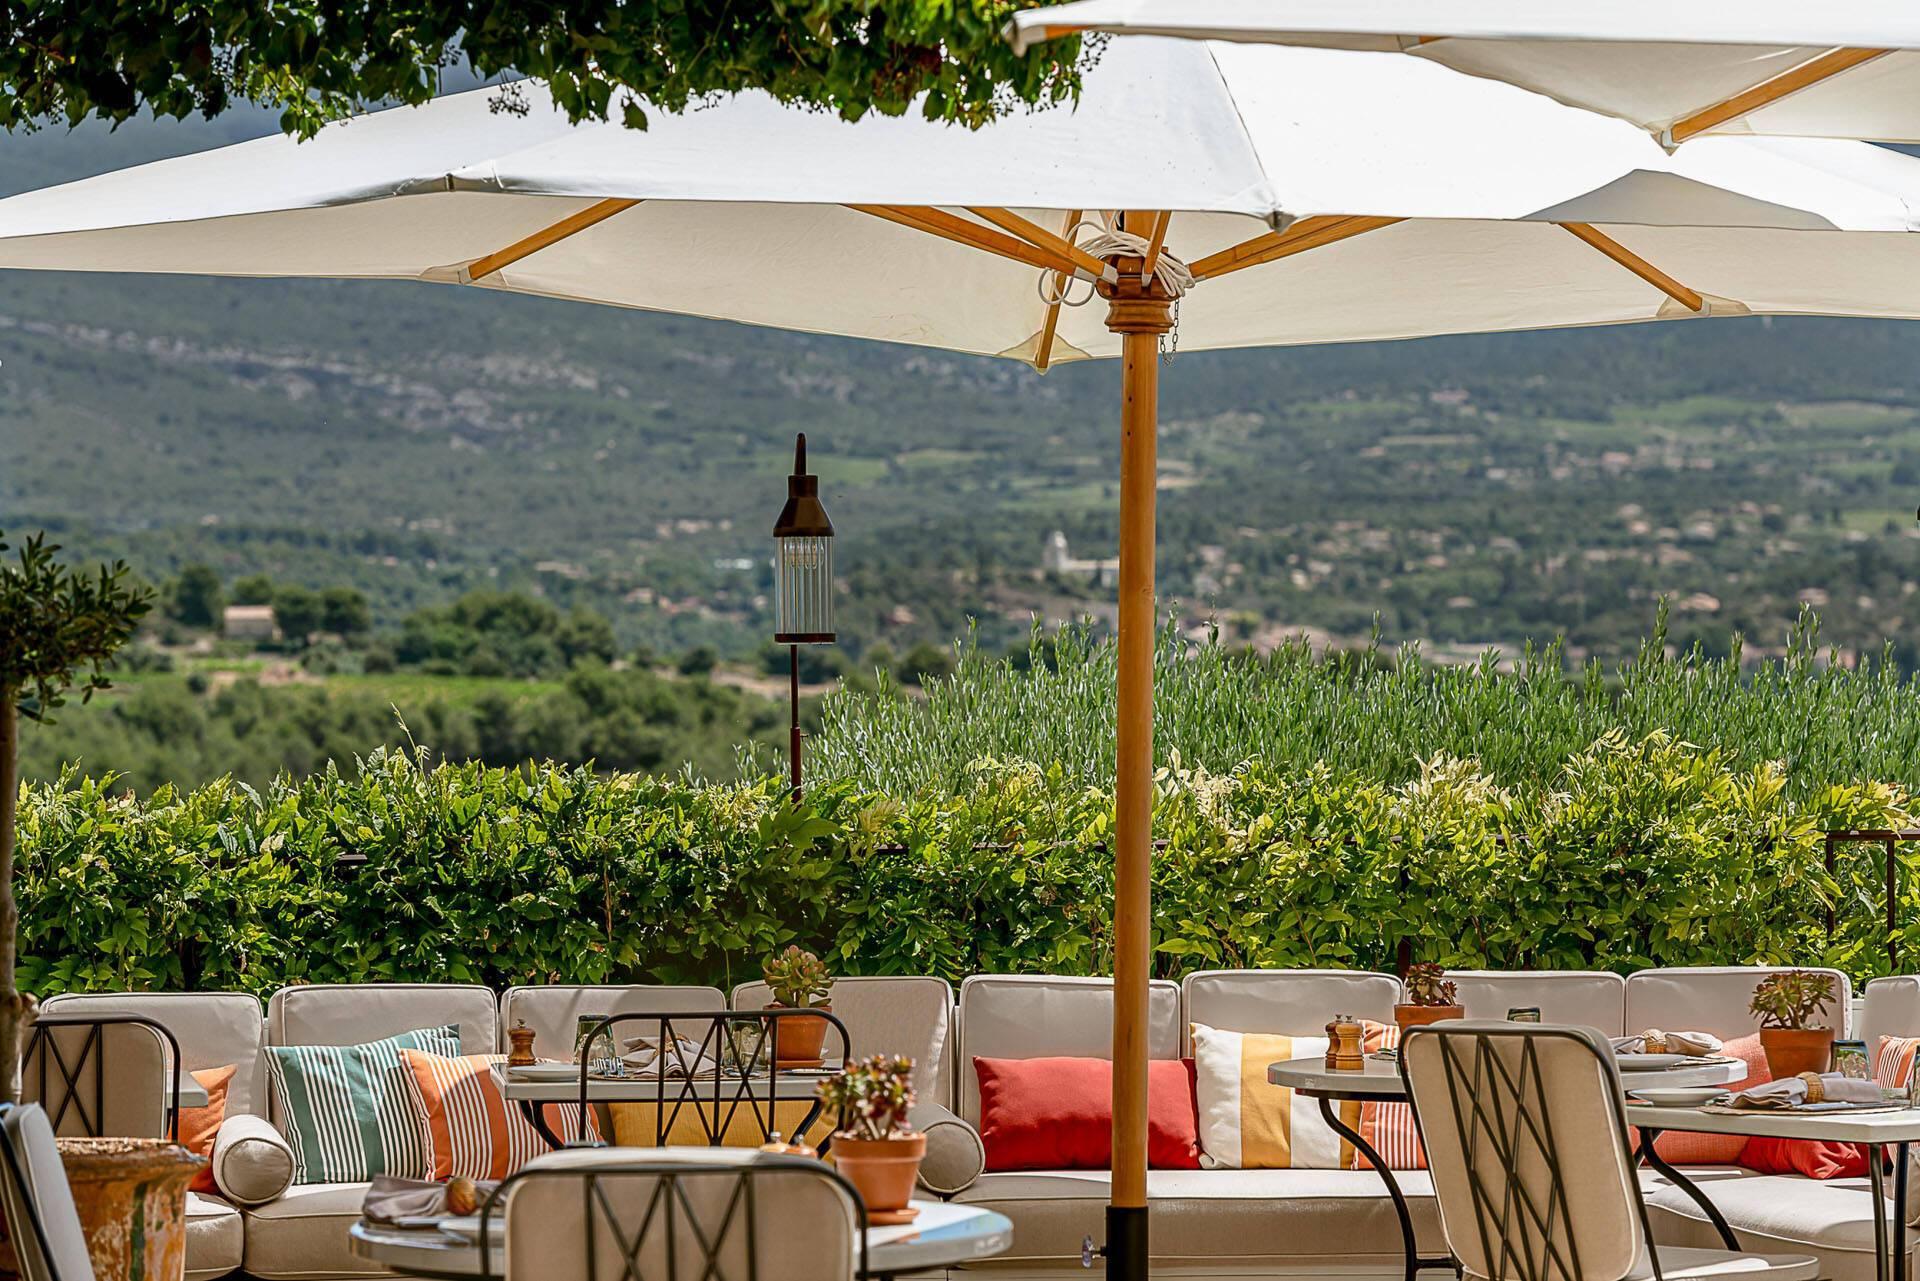 Hotel Crillon Le Brave Provence P Locqueneux Terrasse Restaurant